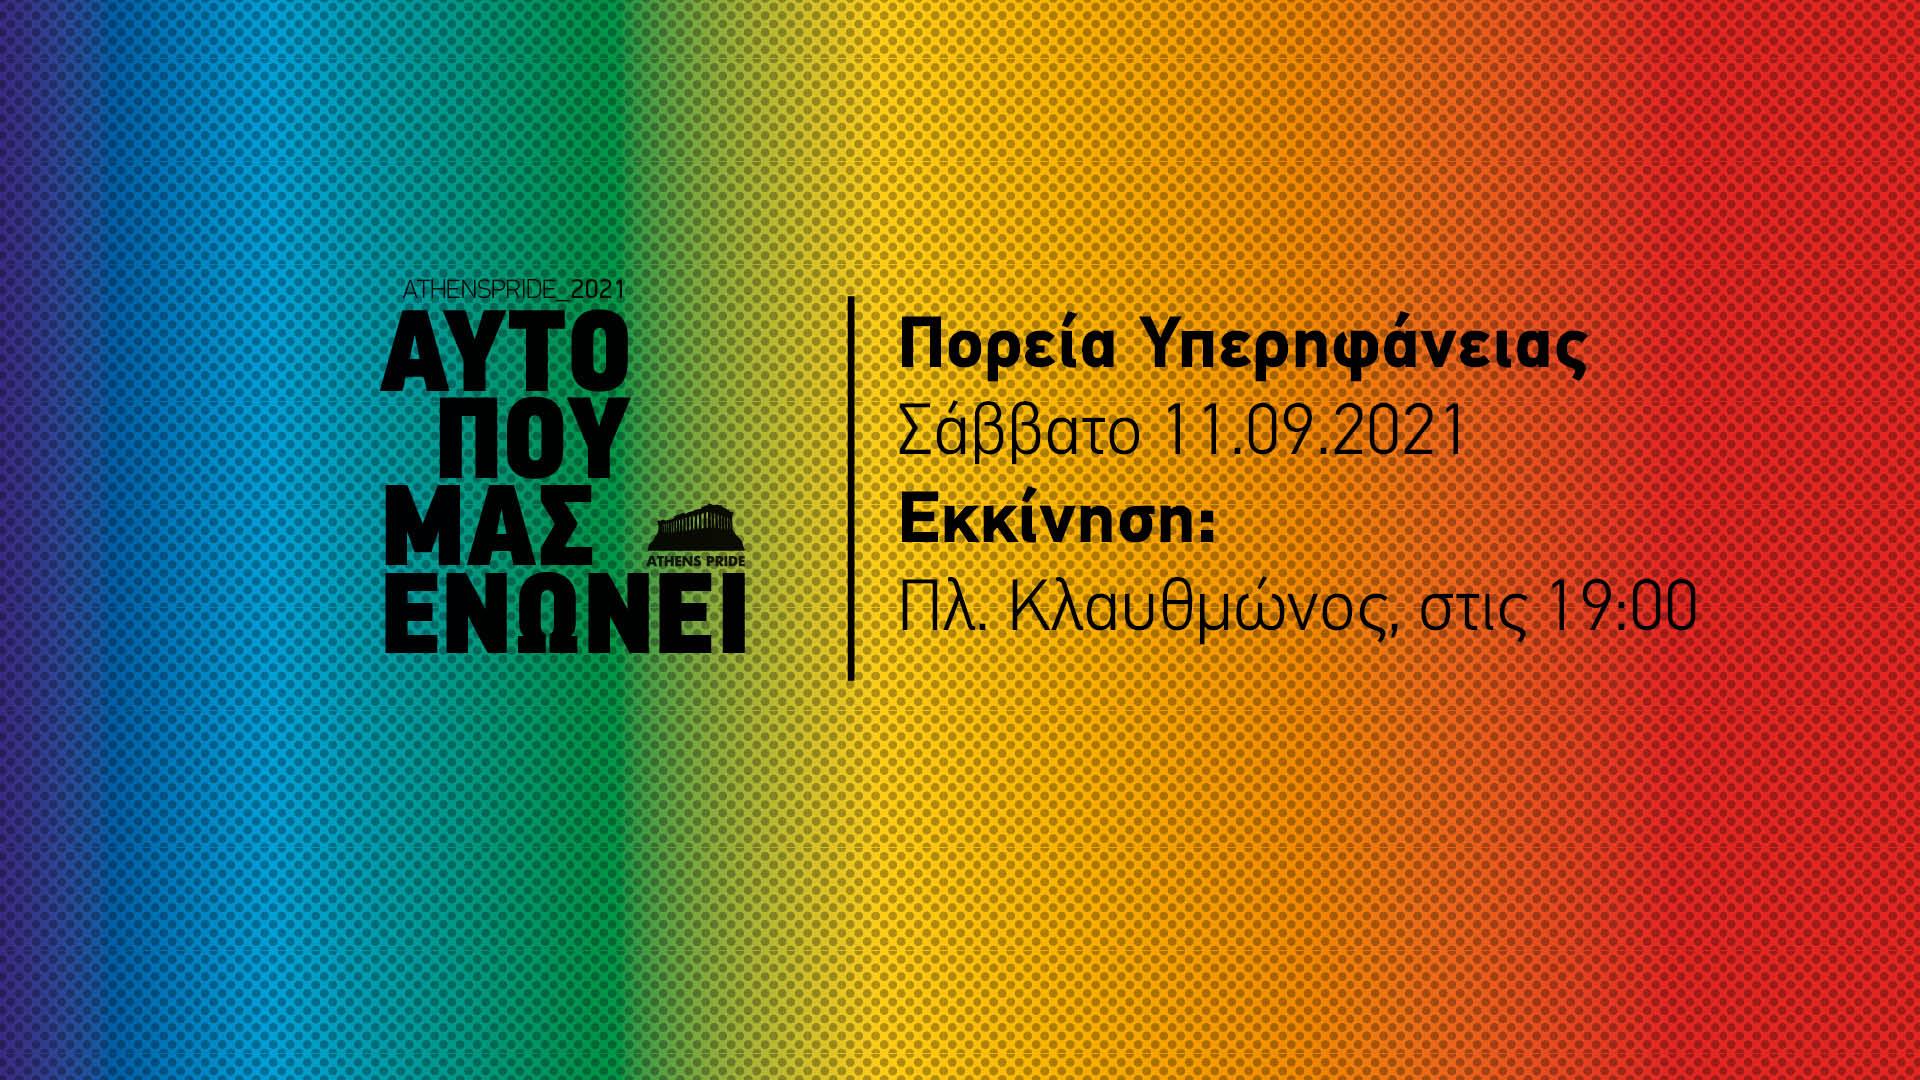 πολύχρωμη αφίσα με τα στοιχεία της εκδήλωσης